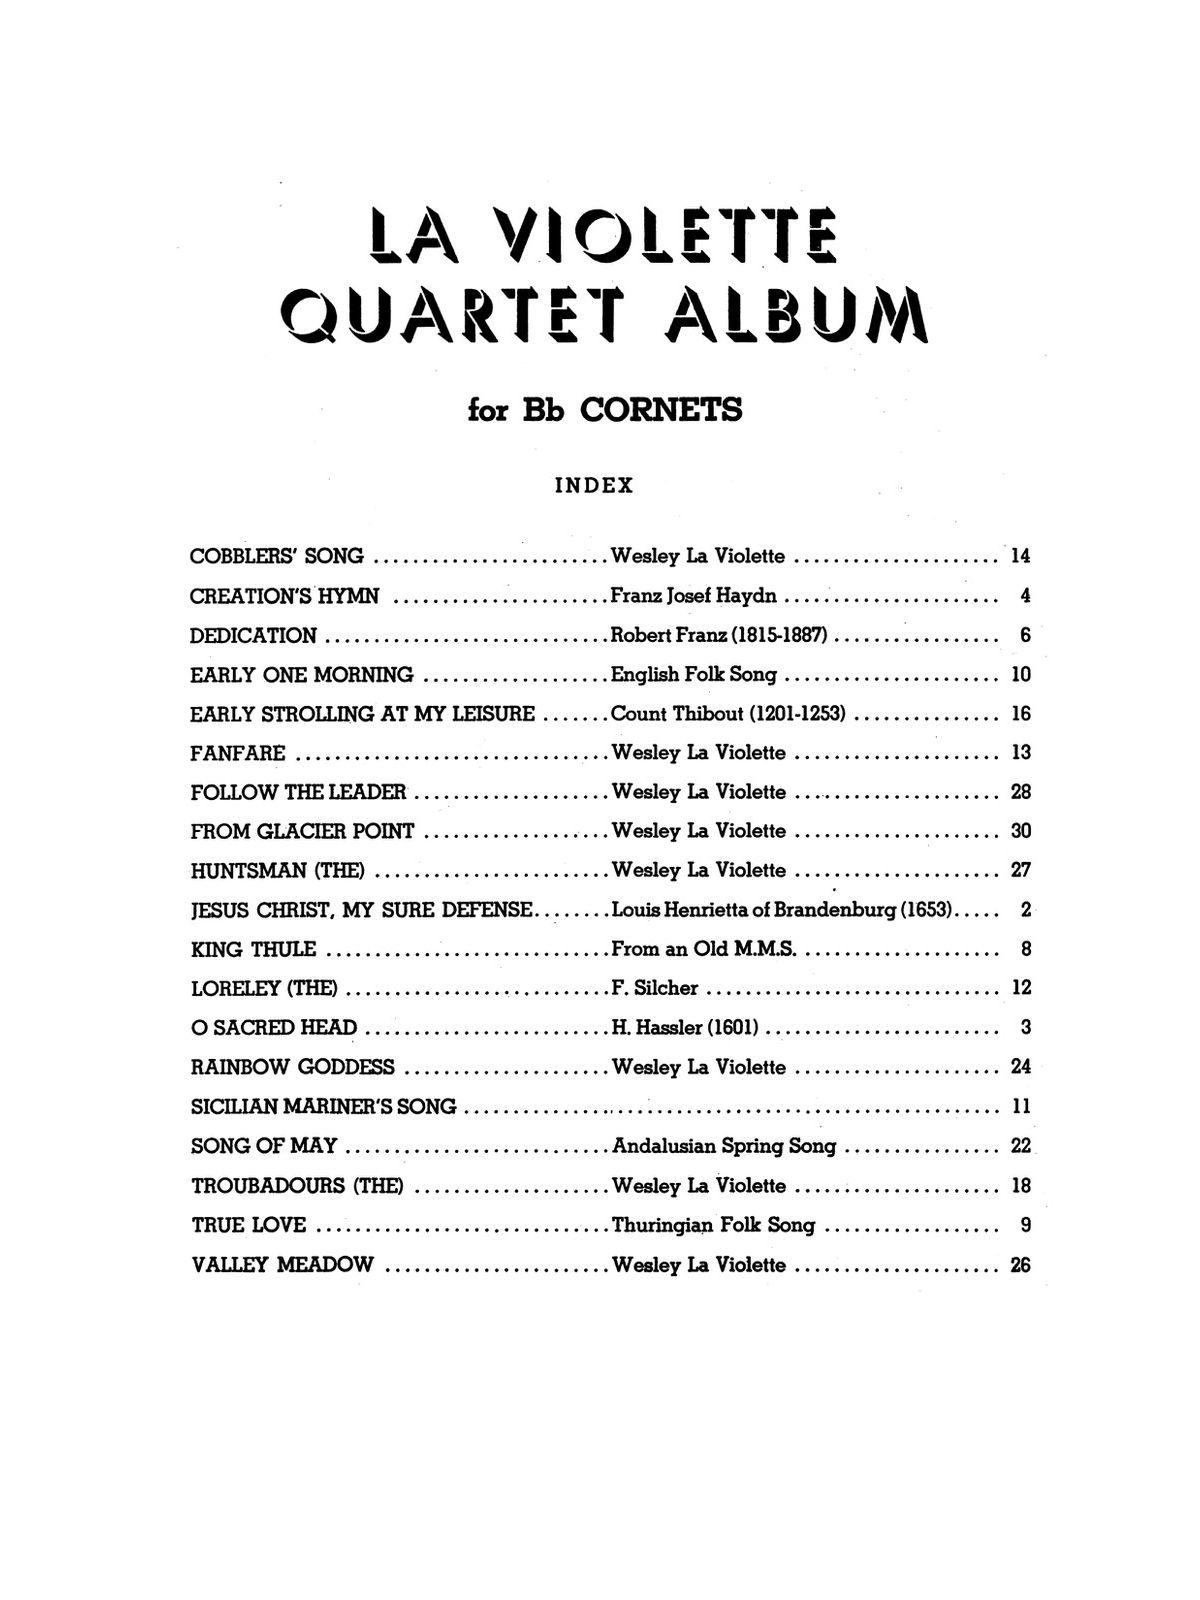 Violette, Wesley La, La Violette Quartet Album-p03